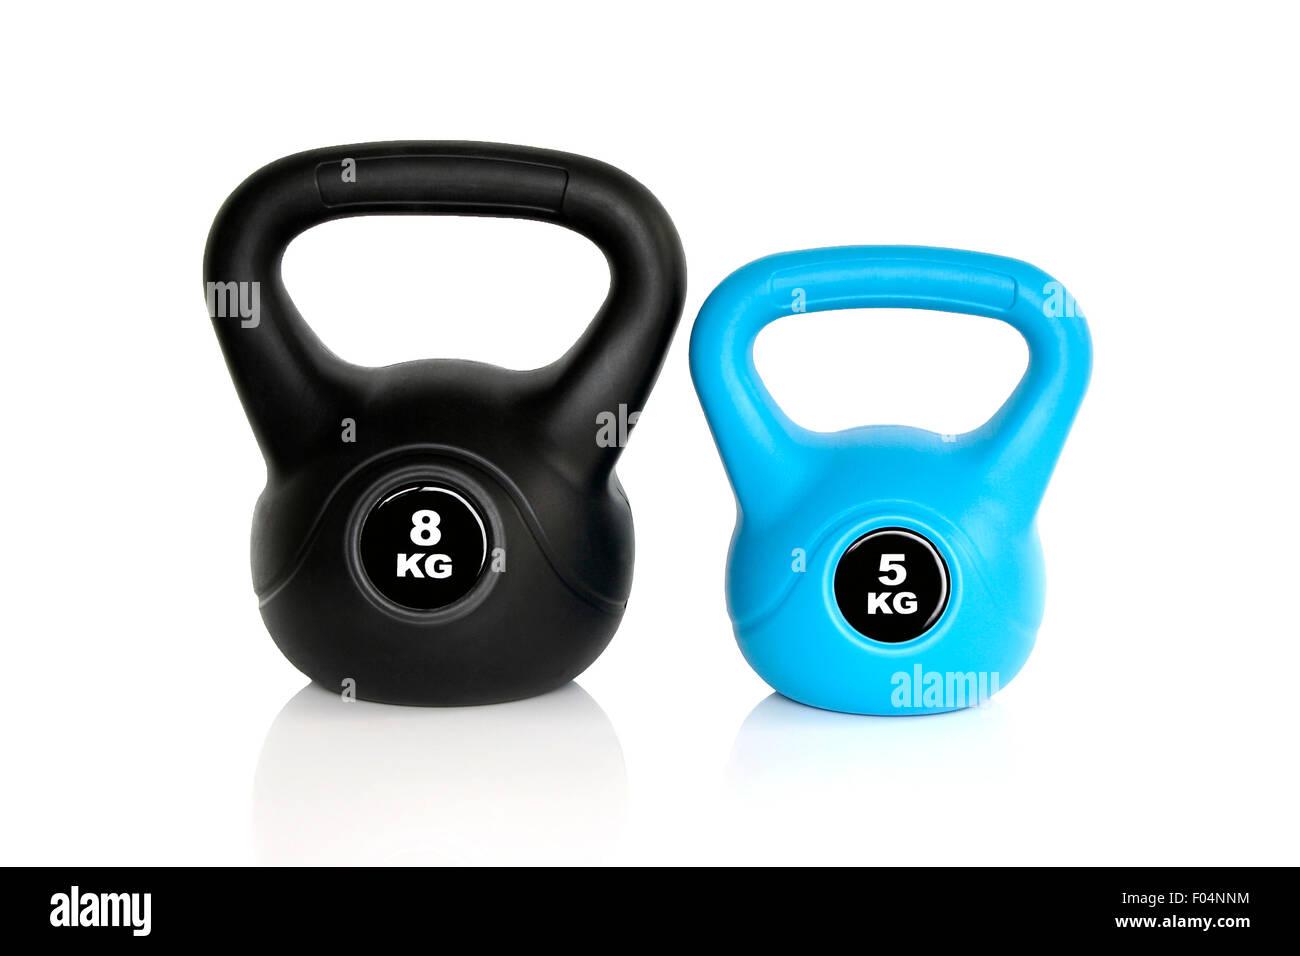 Un par negro de 8 kg y 5 kg kettlebell kettlebell azul aislado sobre fondo blanco. Los pesos para un entrenamiento físico. Foto de stock